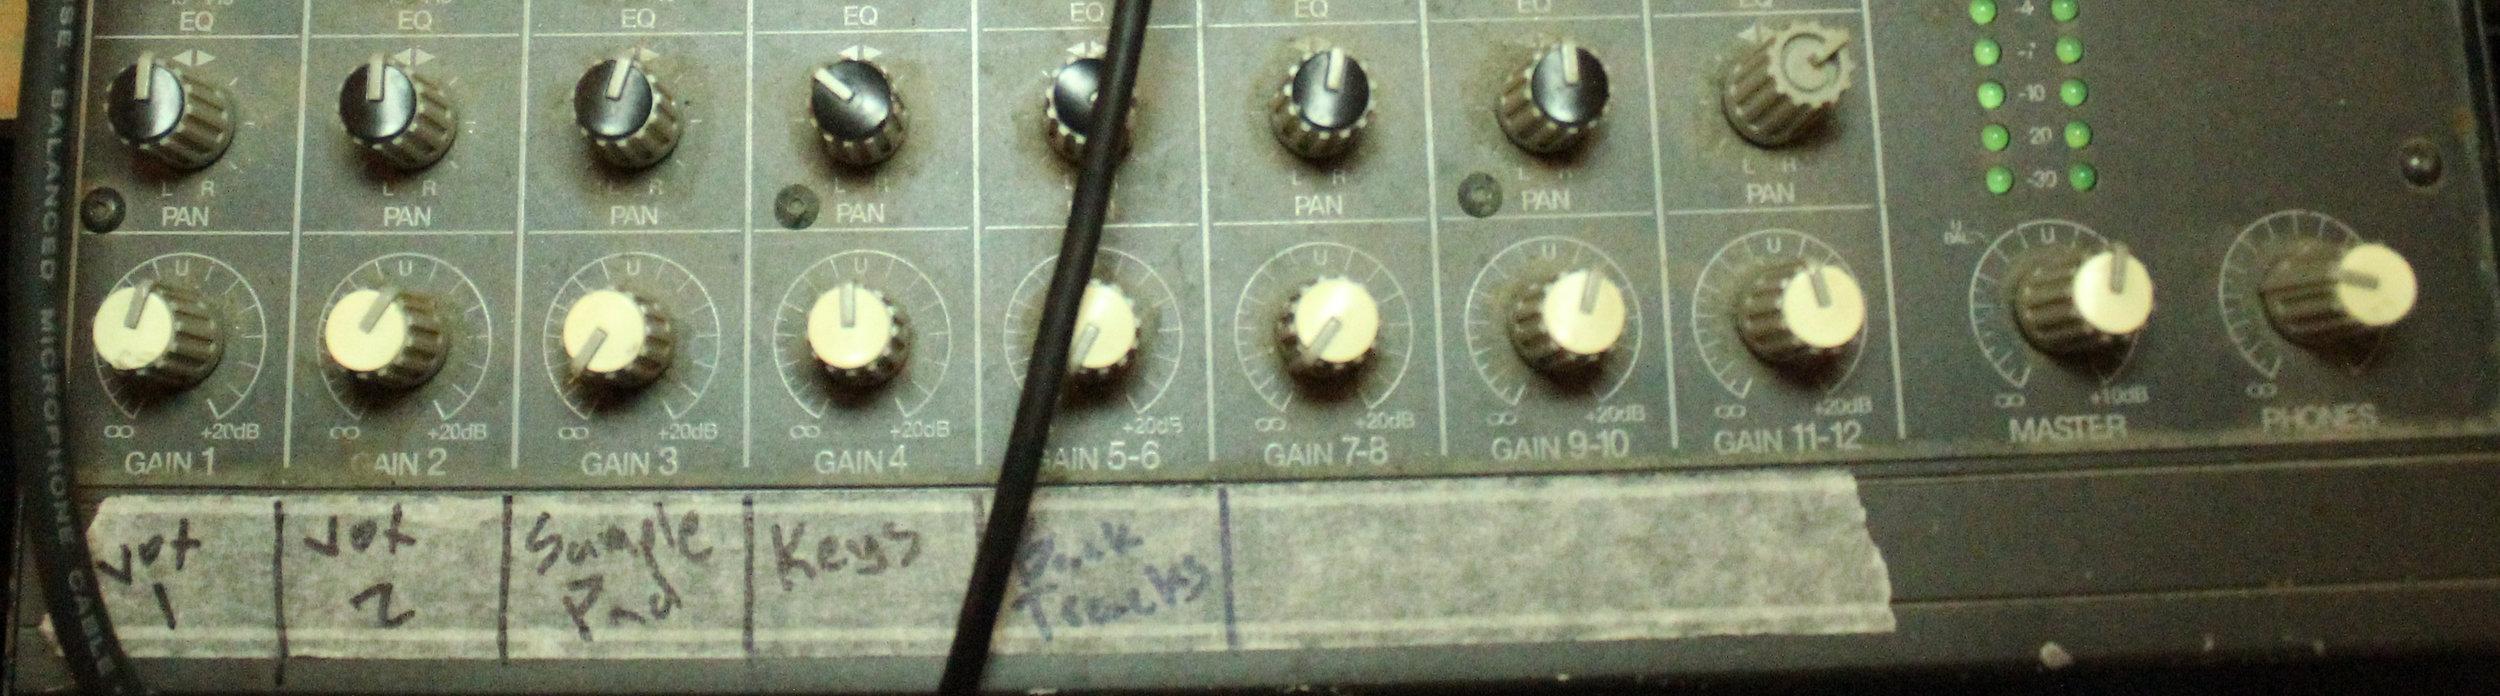 mixerD.jpg